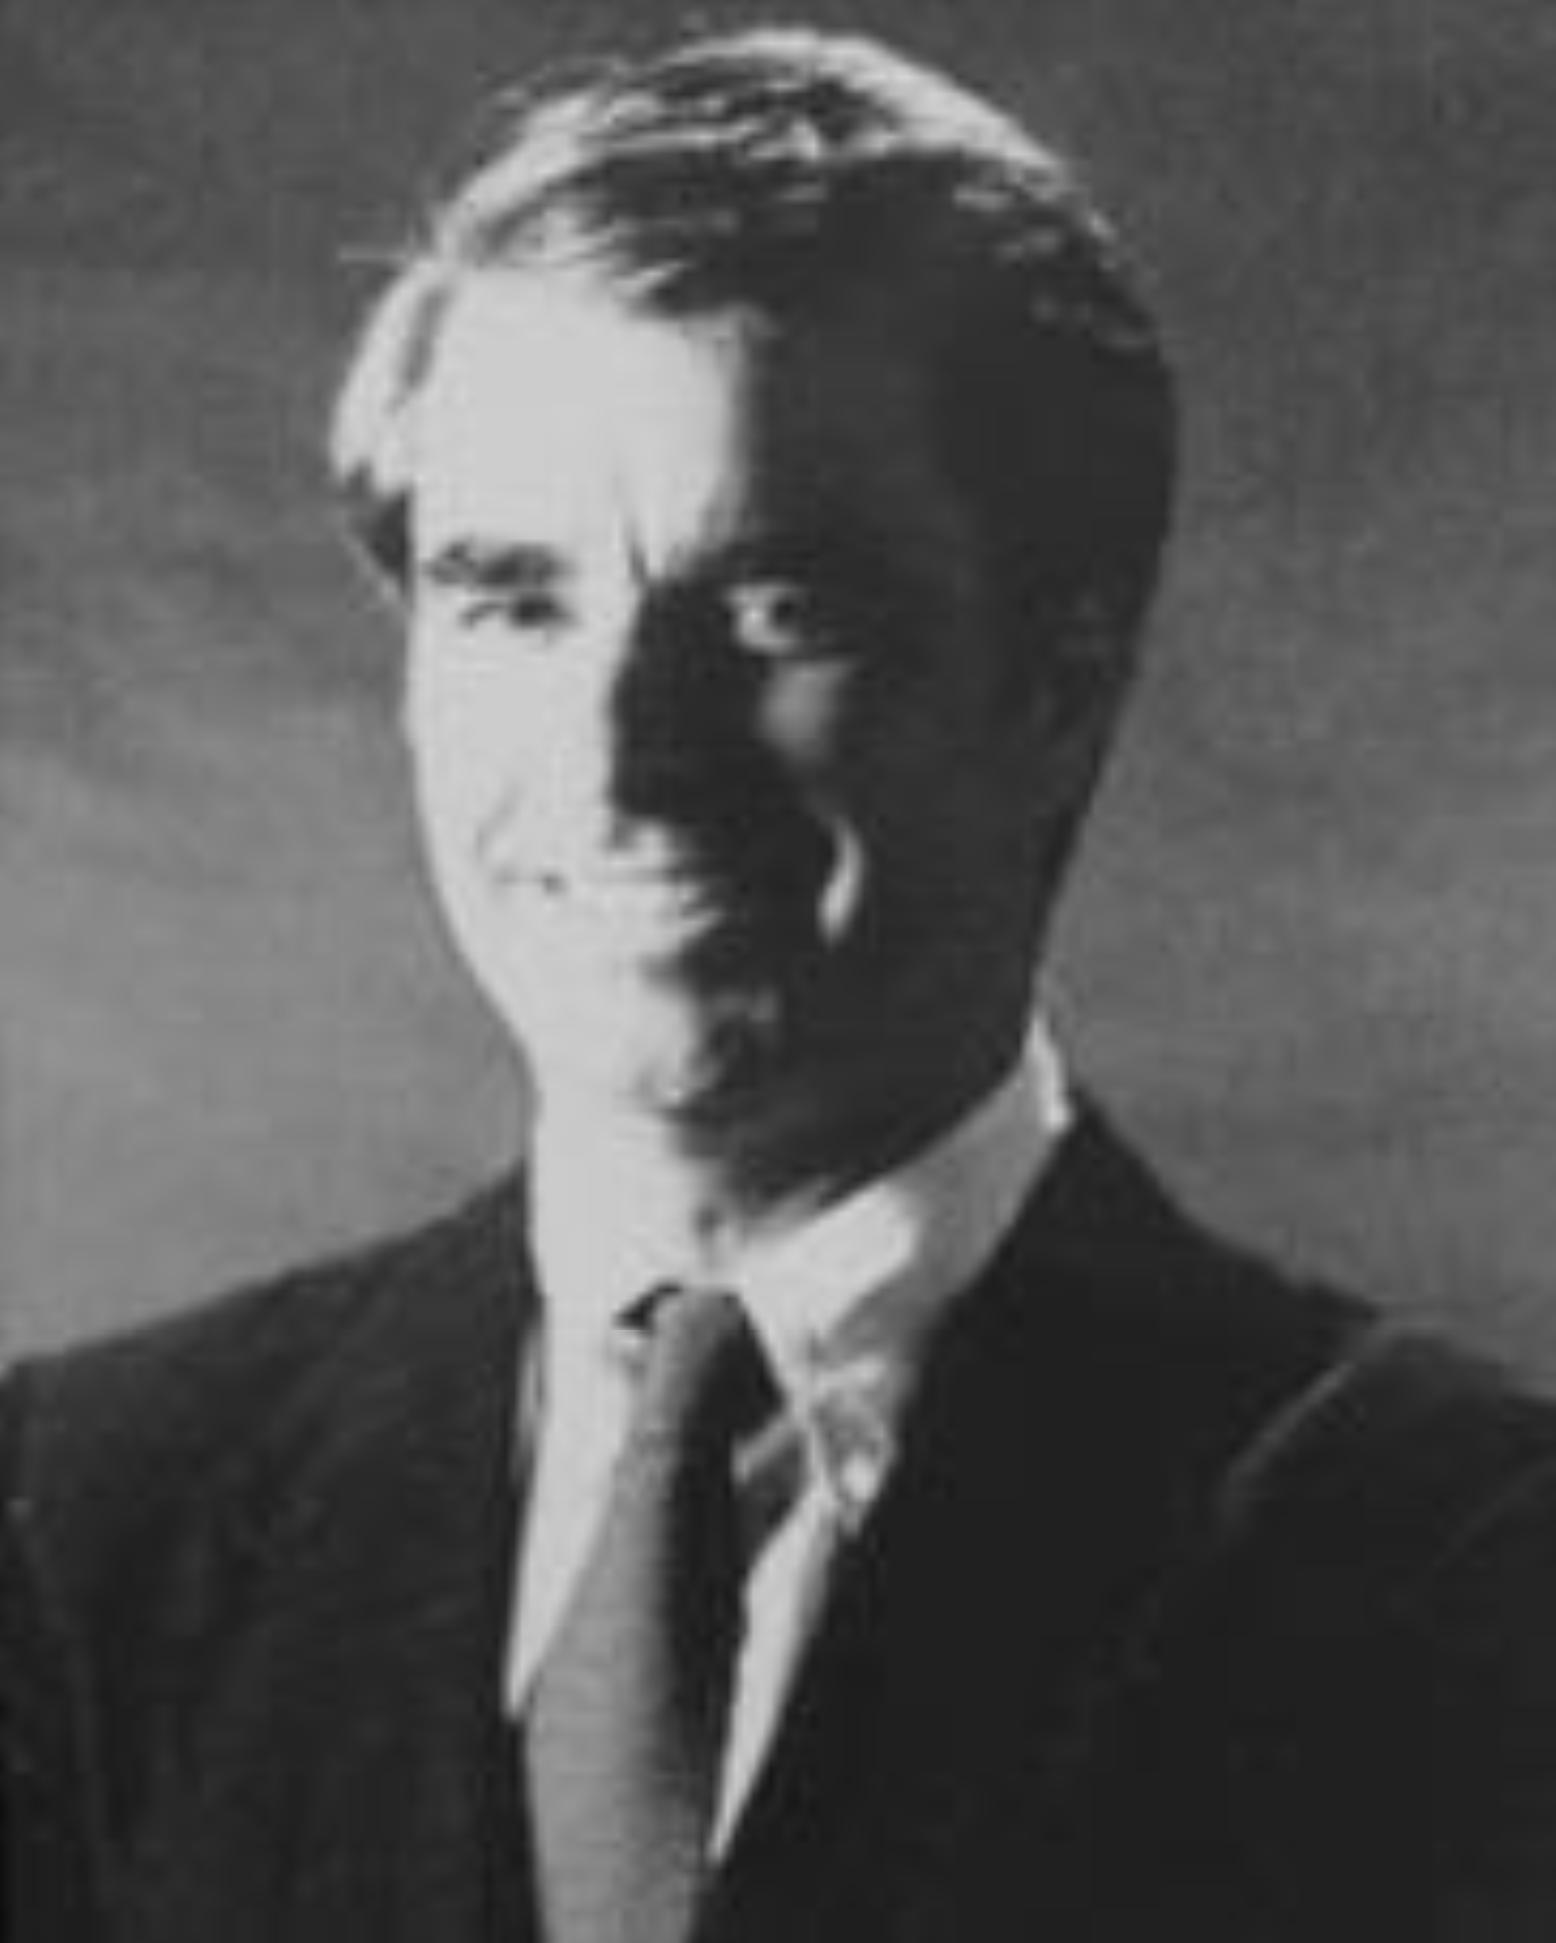 JOHN K. GARVEY